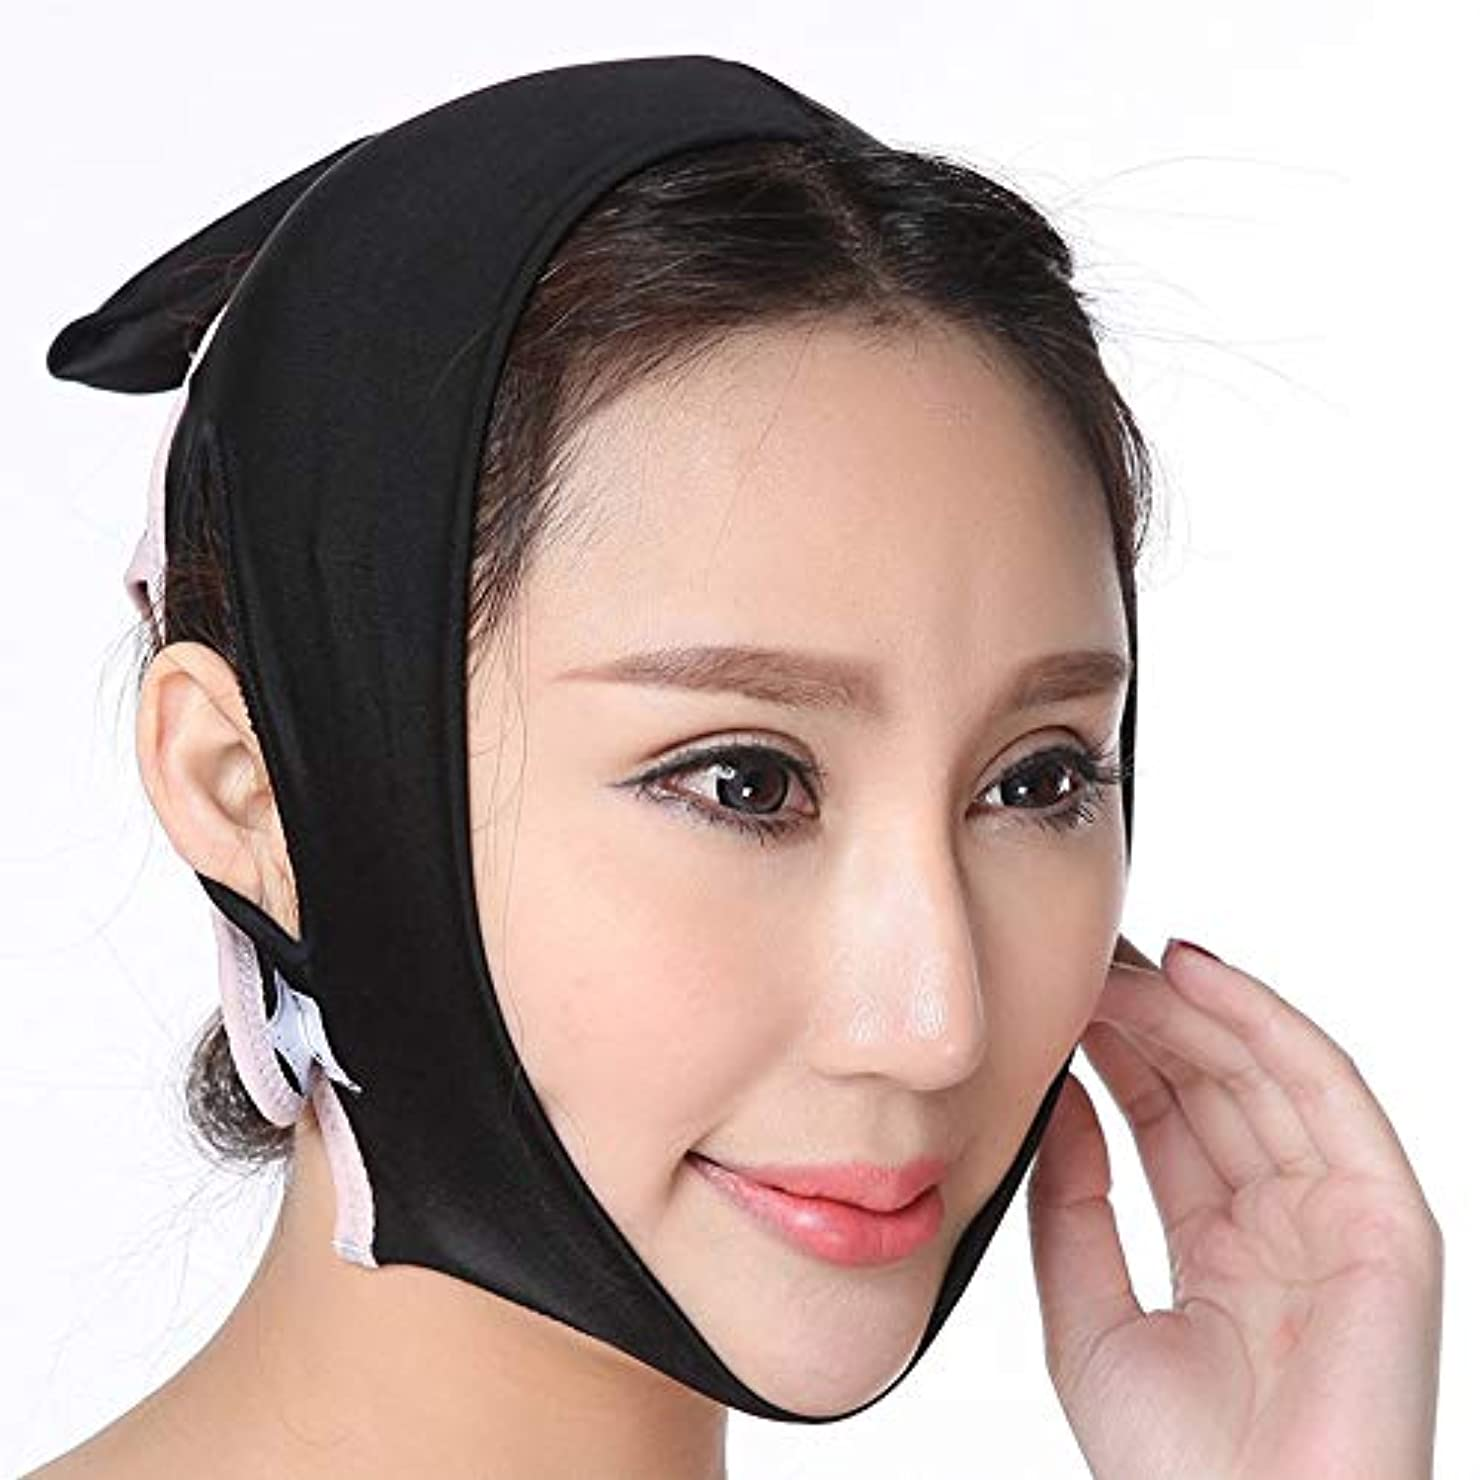 代表新しい意味バンVの顔の睡眠の薄い顔、アンチリンクルマスクダブル顎の包帯リフティングパーマネントアーチファクト,XL